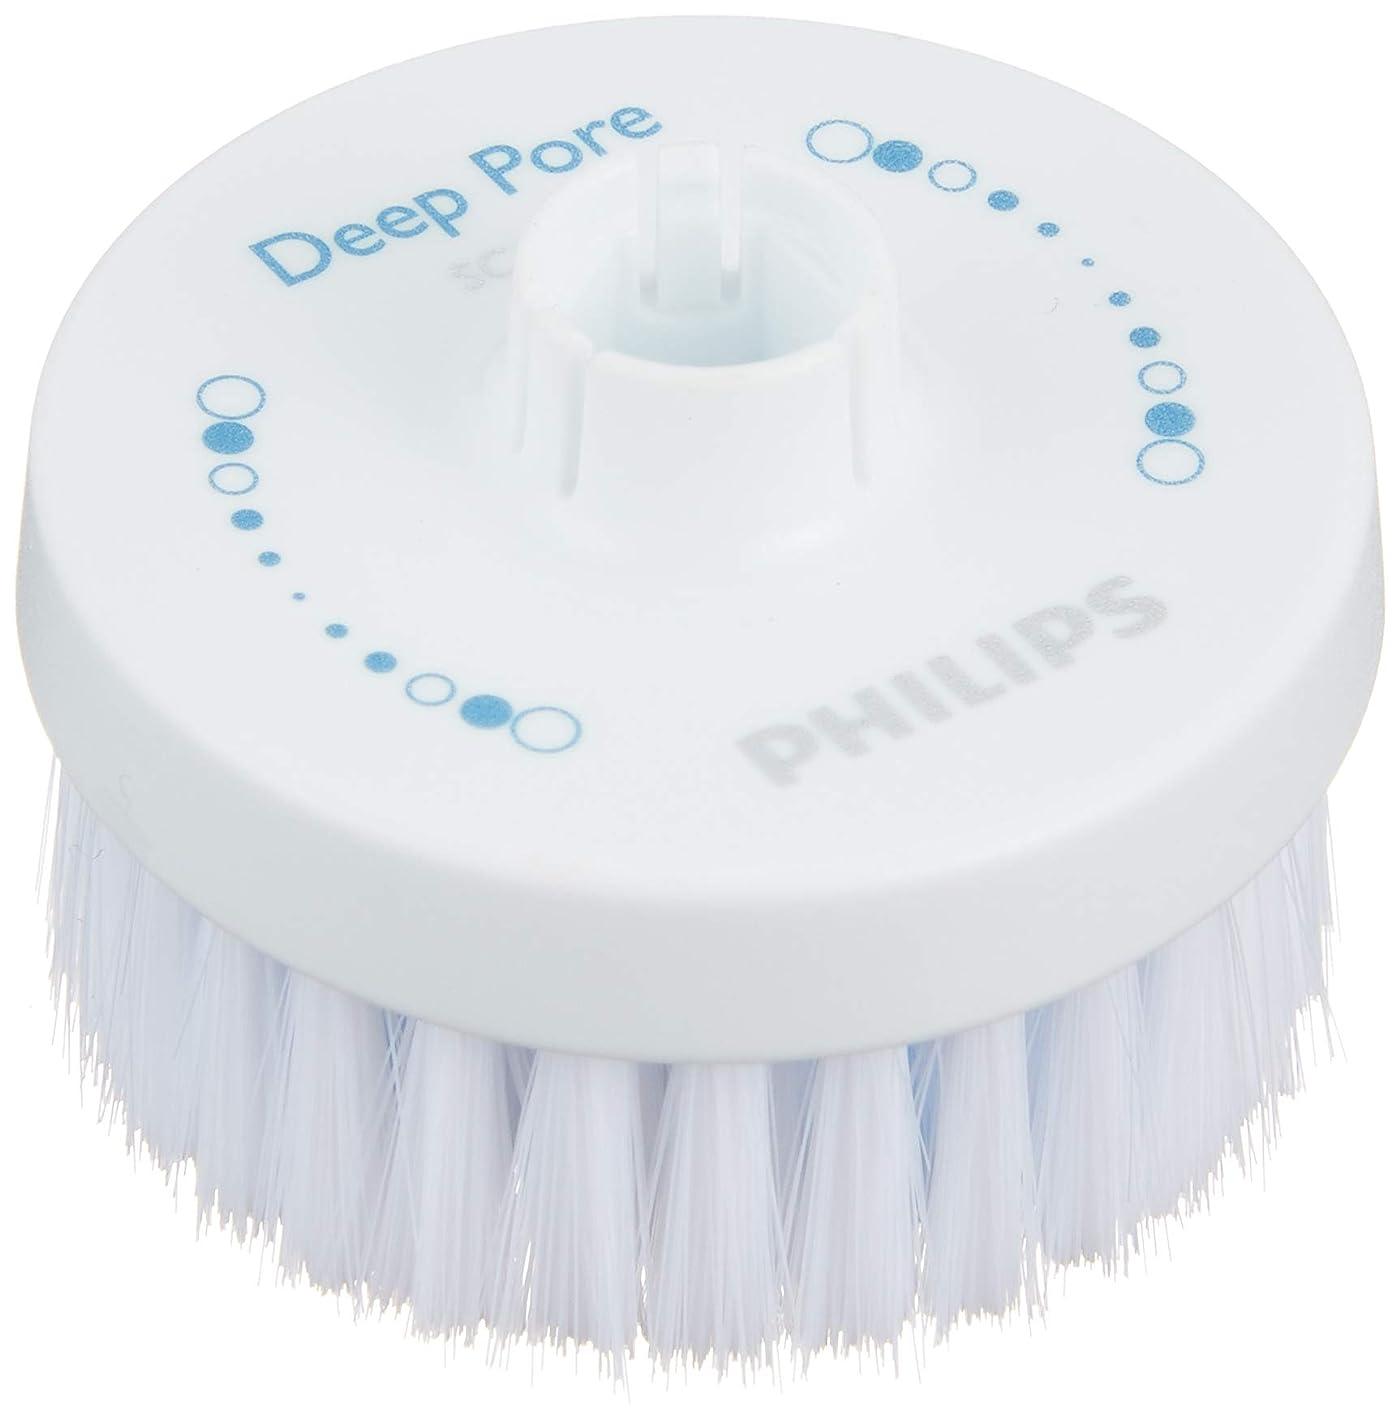 上へ白いよりフィリップス 洗顔ブラシ ビザピュア 毛穴ディープクレンジング ブラシ SC6026/00